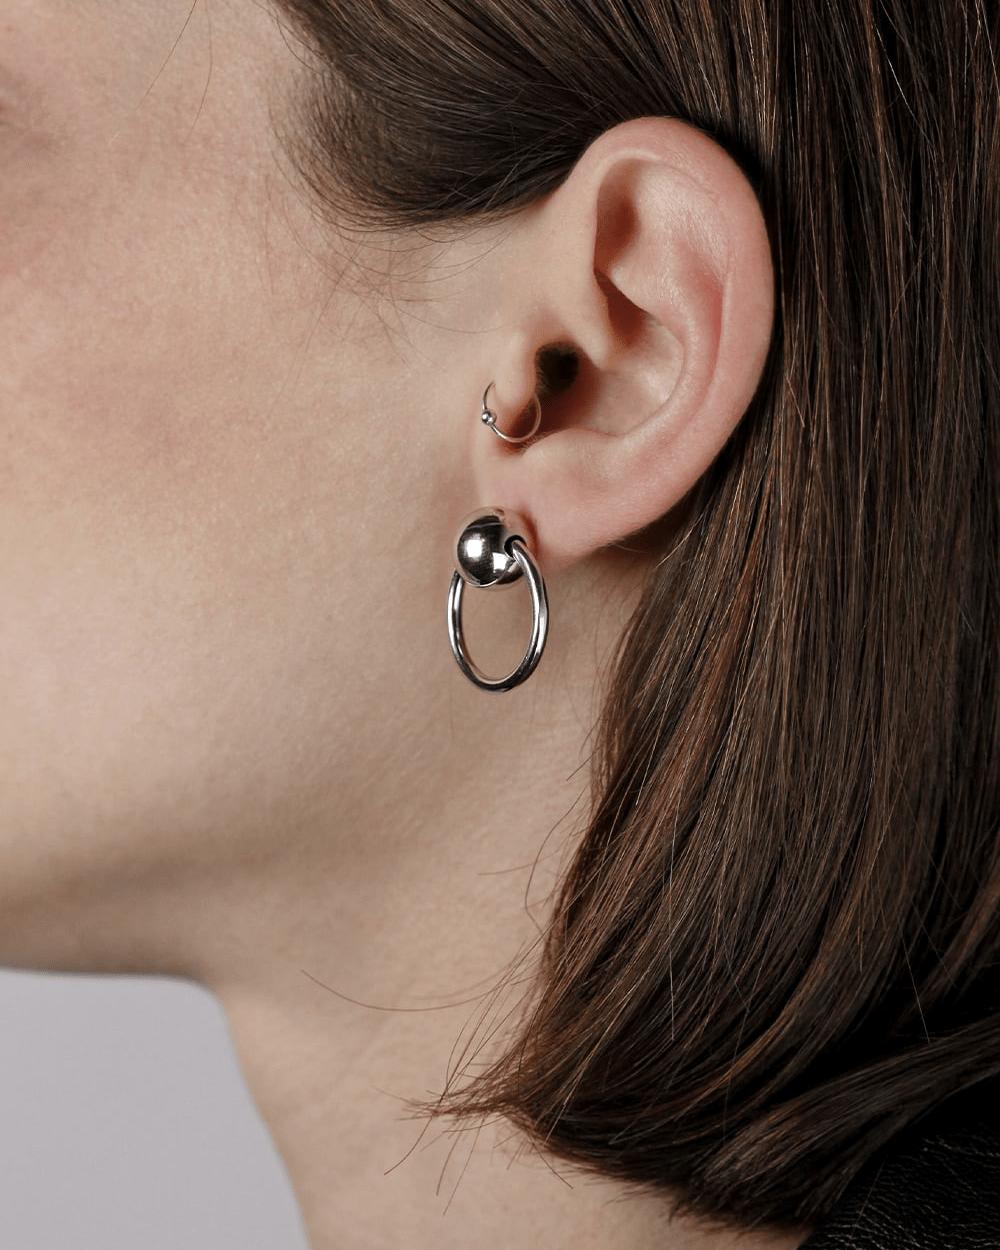 Earrings SILVER SPHERES & CIRCLE PIERCING PAIR EARRINGS NOVE25